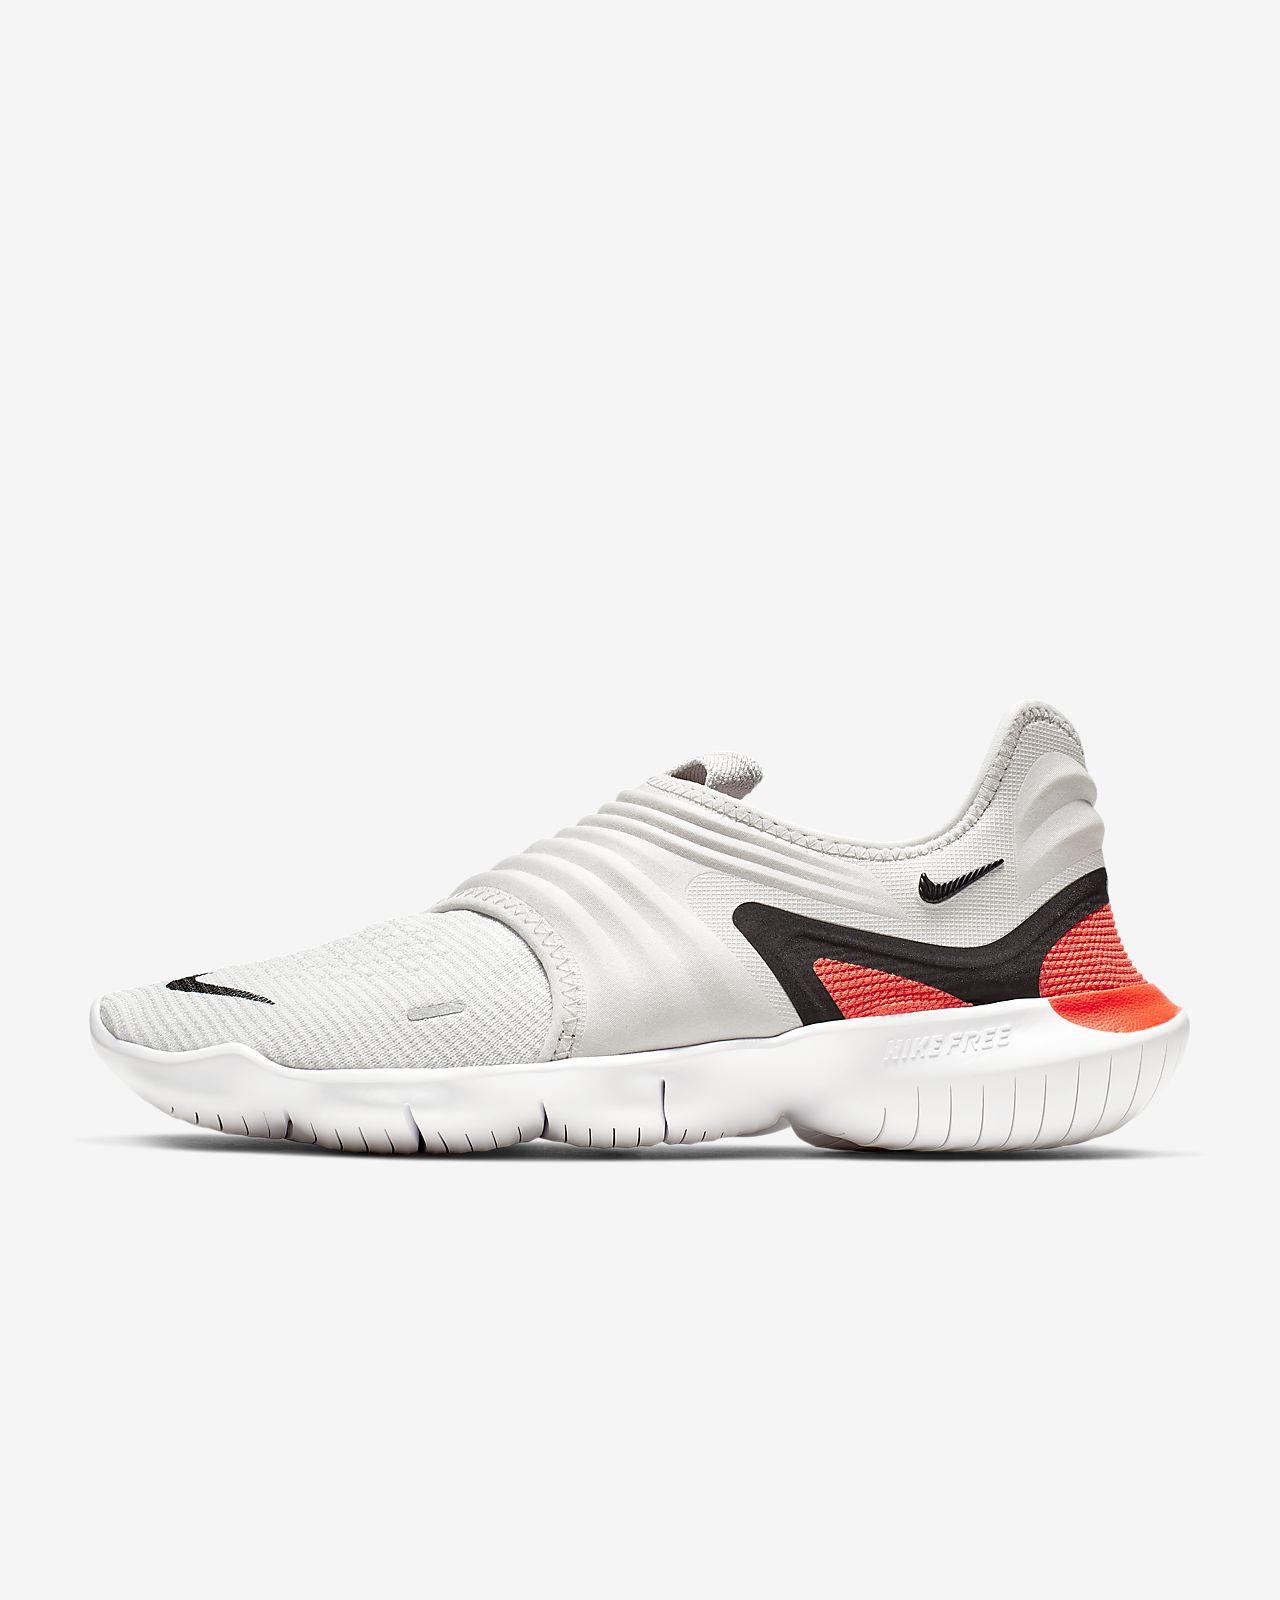 255e407aa25 Nike Free RN Flyknit 3.0 Men s Running Shoe. Nike.com